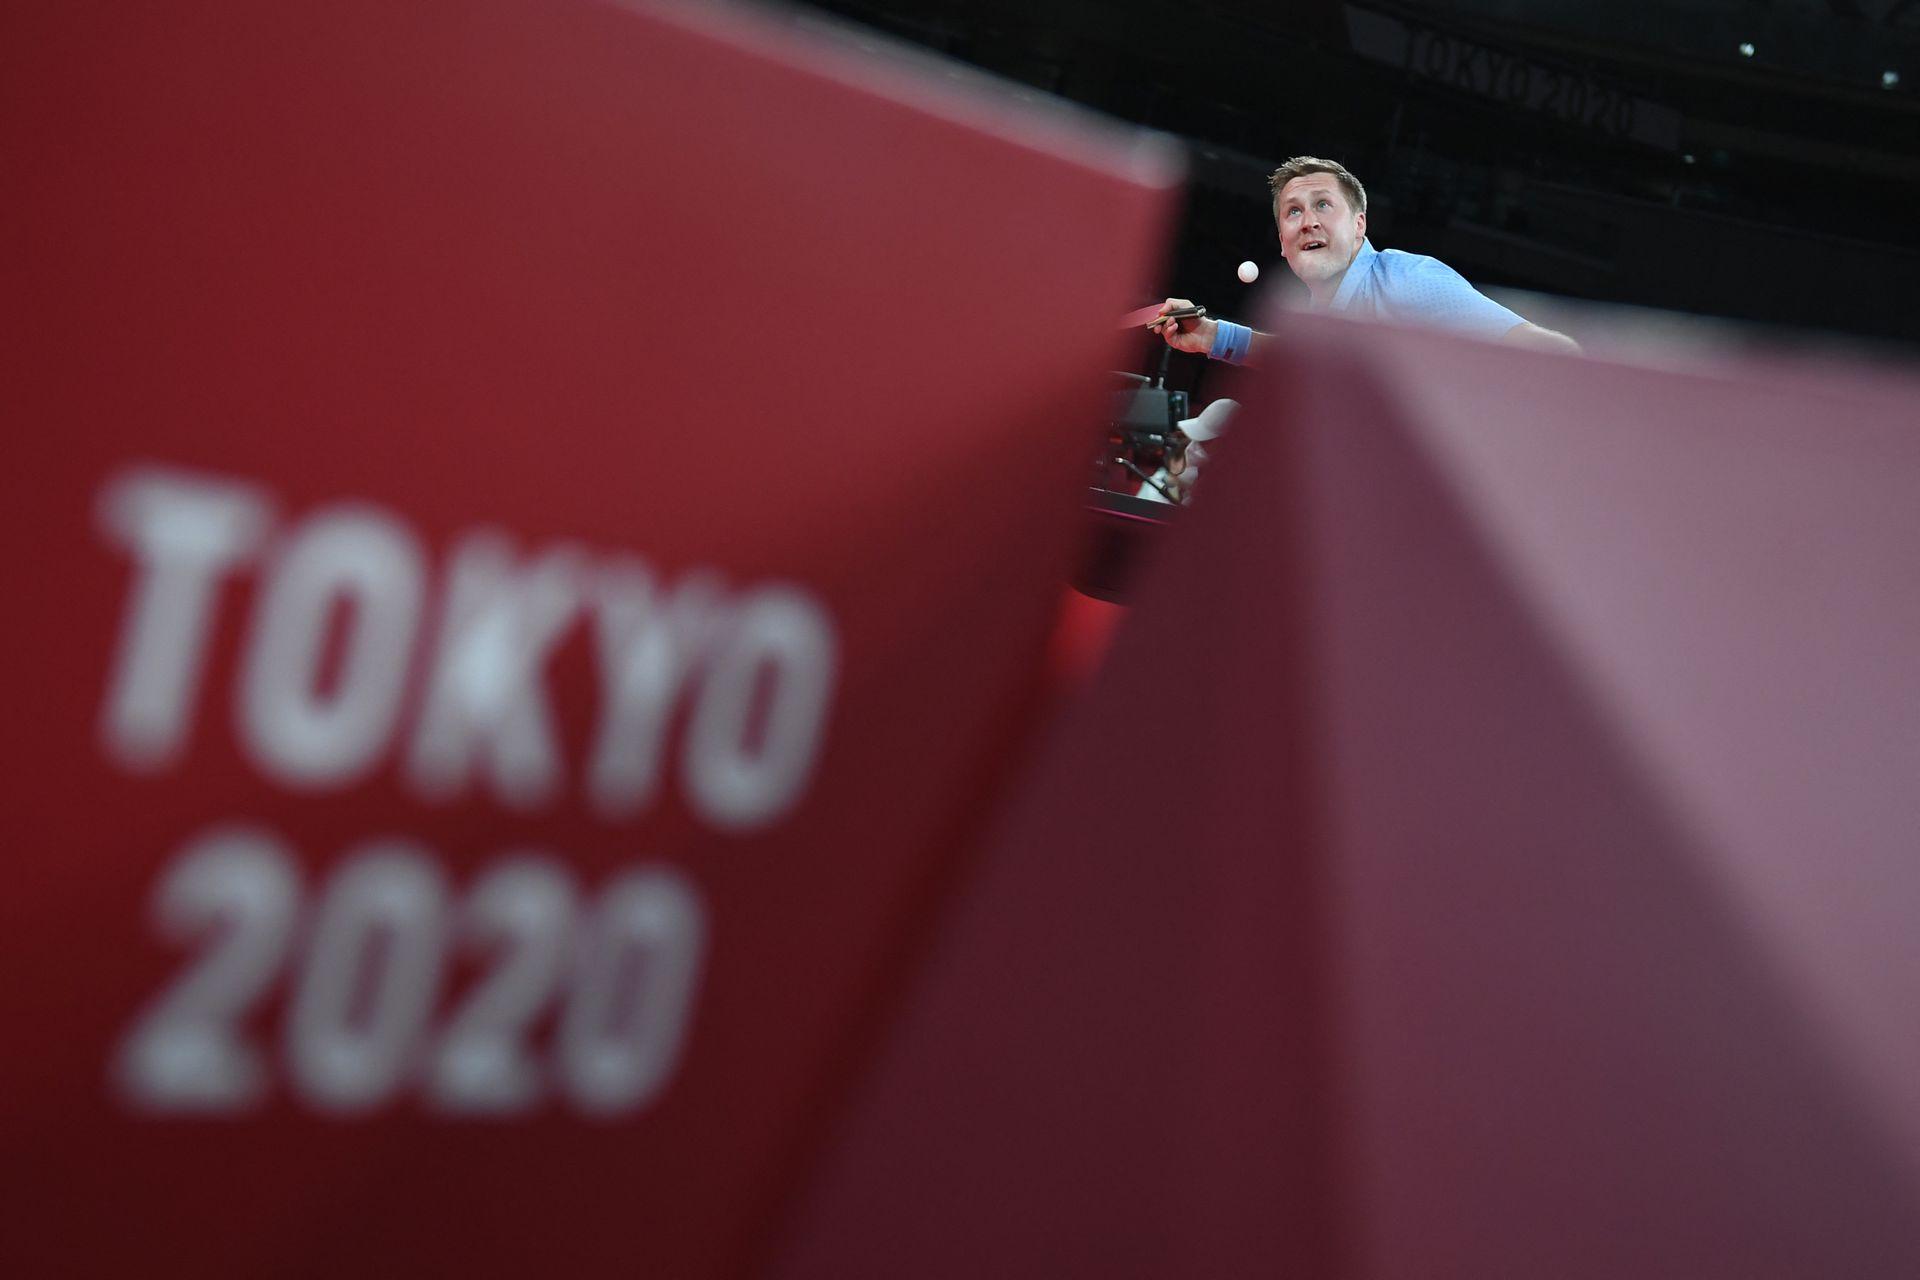 Koki Niwa de Japón compite contra Mattias Falck de Suecia durante el partido de tenis de mesa de cuartos de final del equipo masculino Japón vs Suecia en el Gimnasio Metropolitano de Tokio.